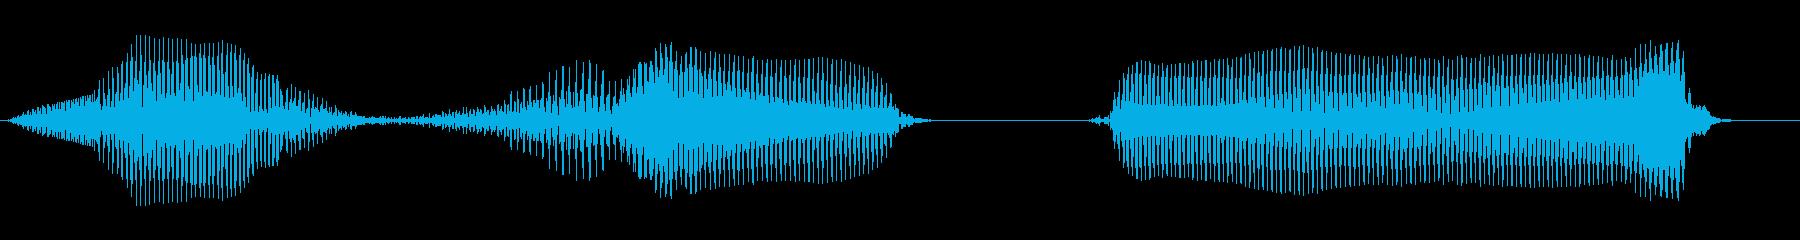 の方向の再生済みの波形